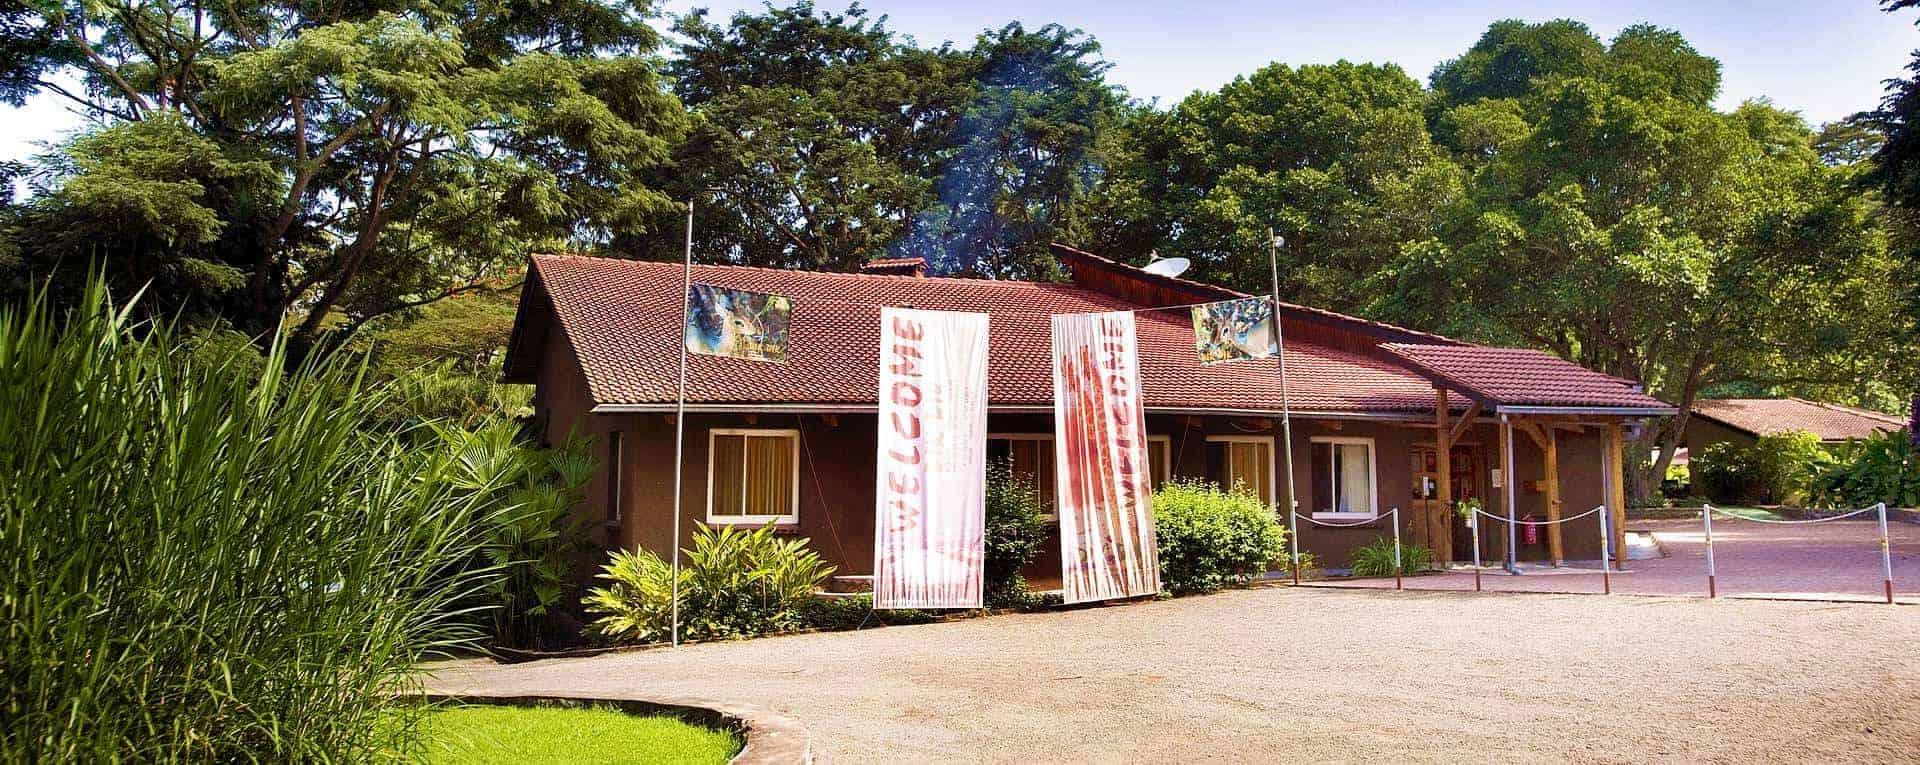 Dik Dik hotel Arusha Hotels